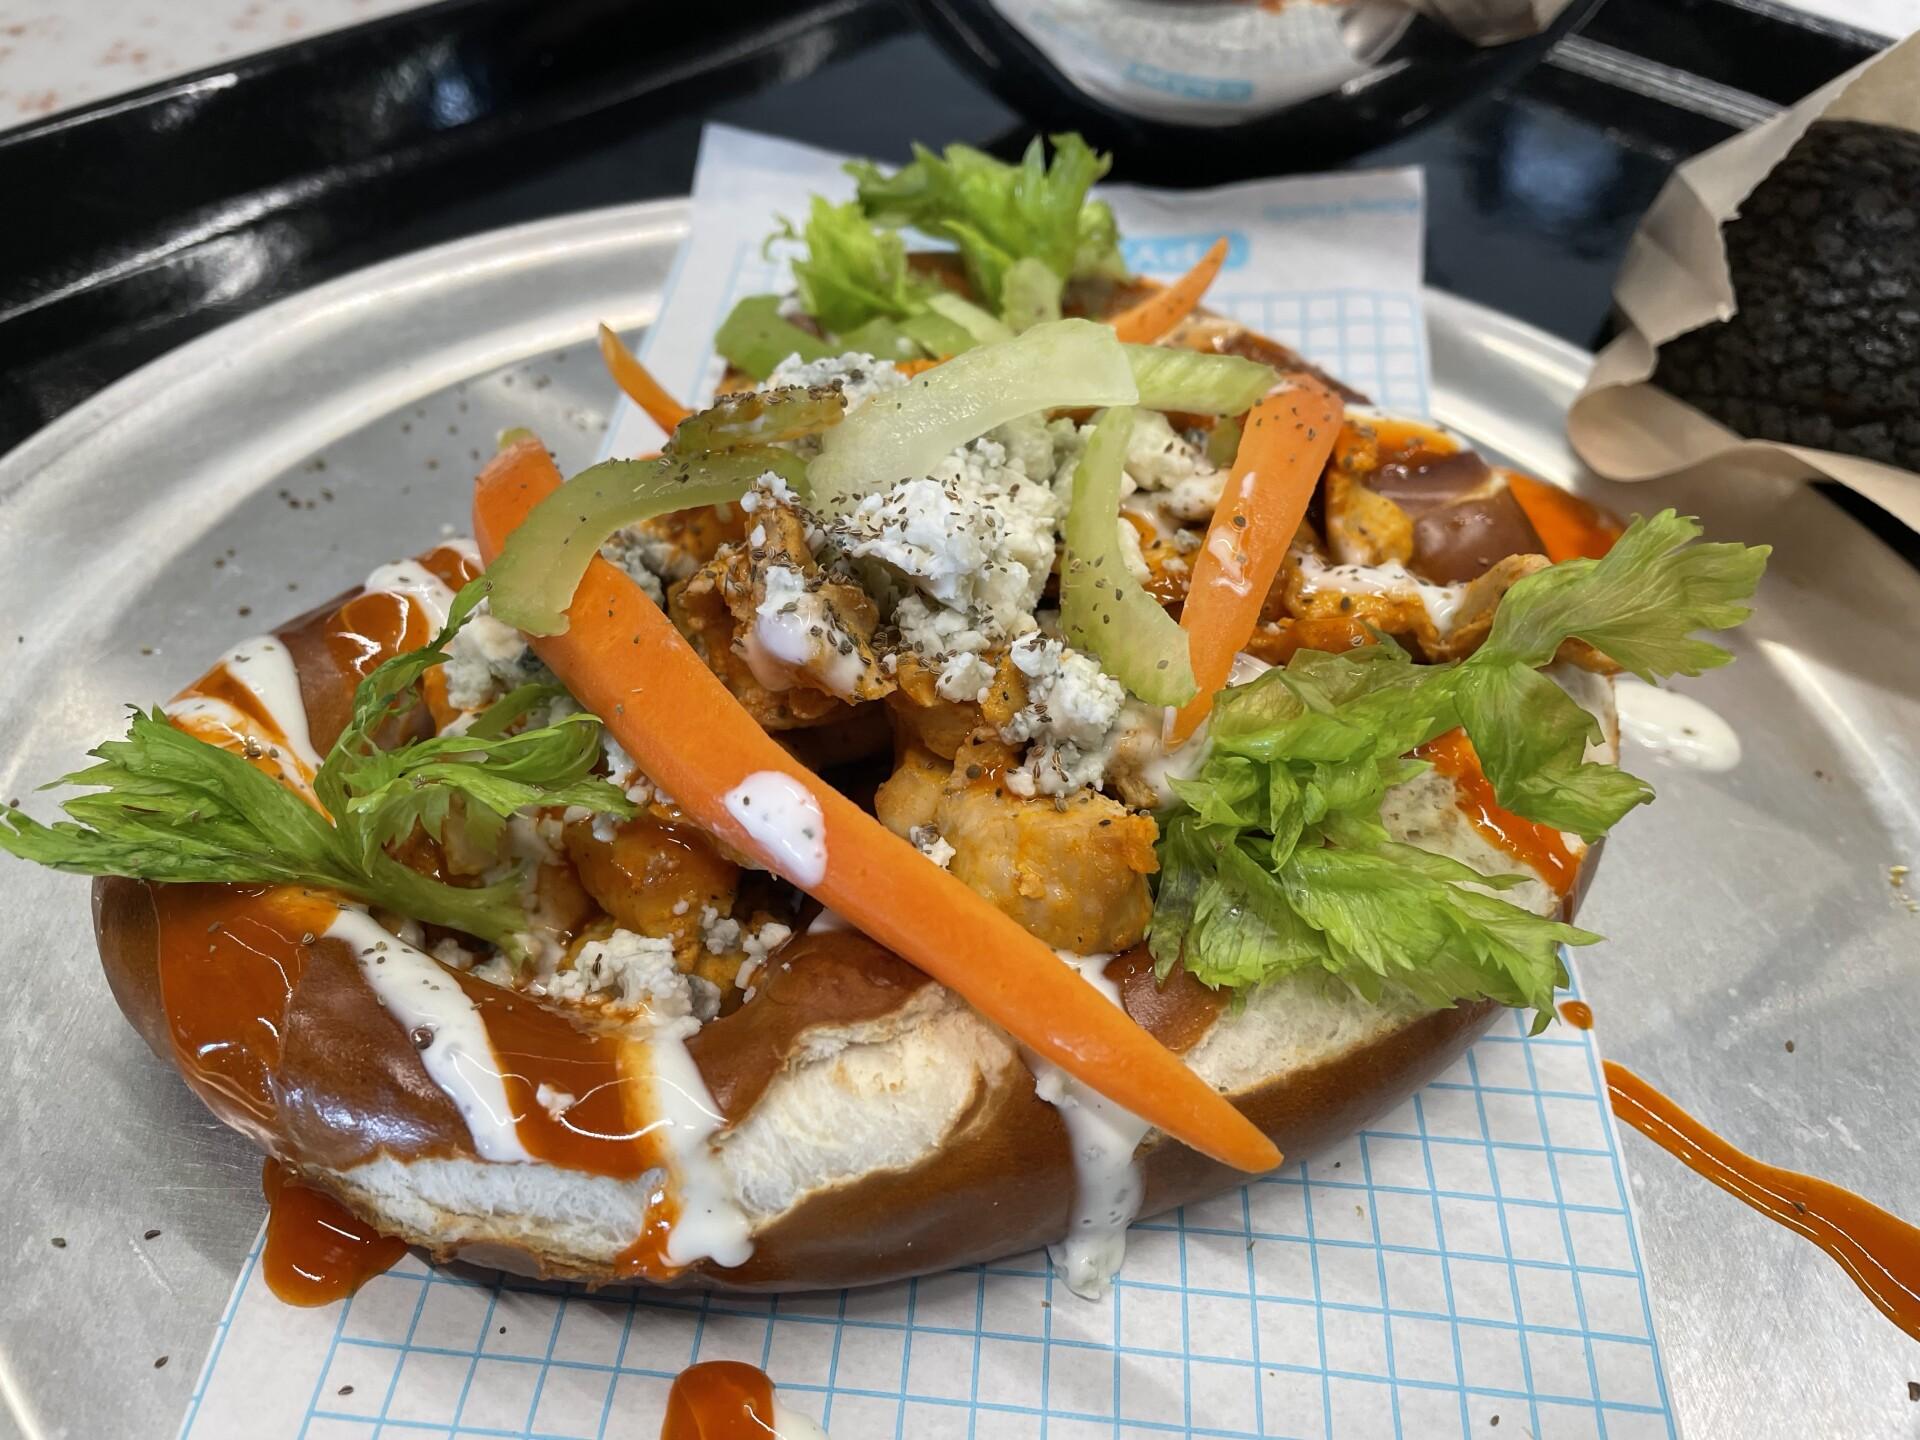 pym test kitchen pretzel_3.jpg